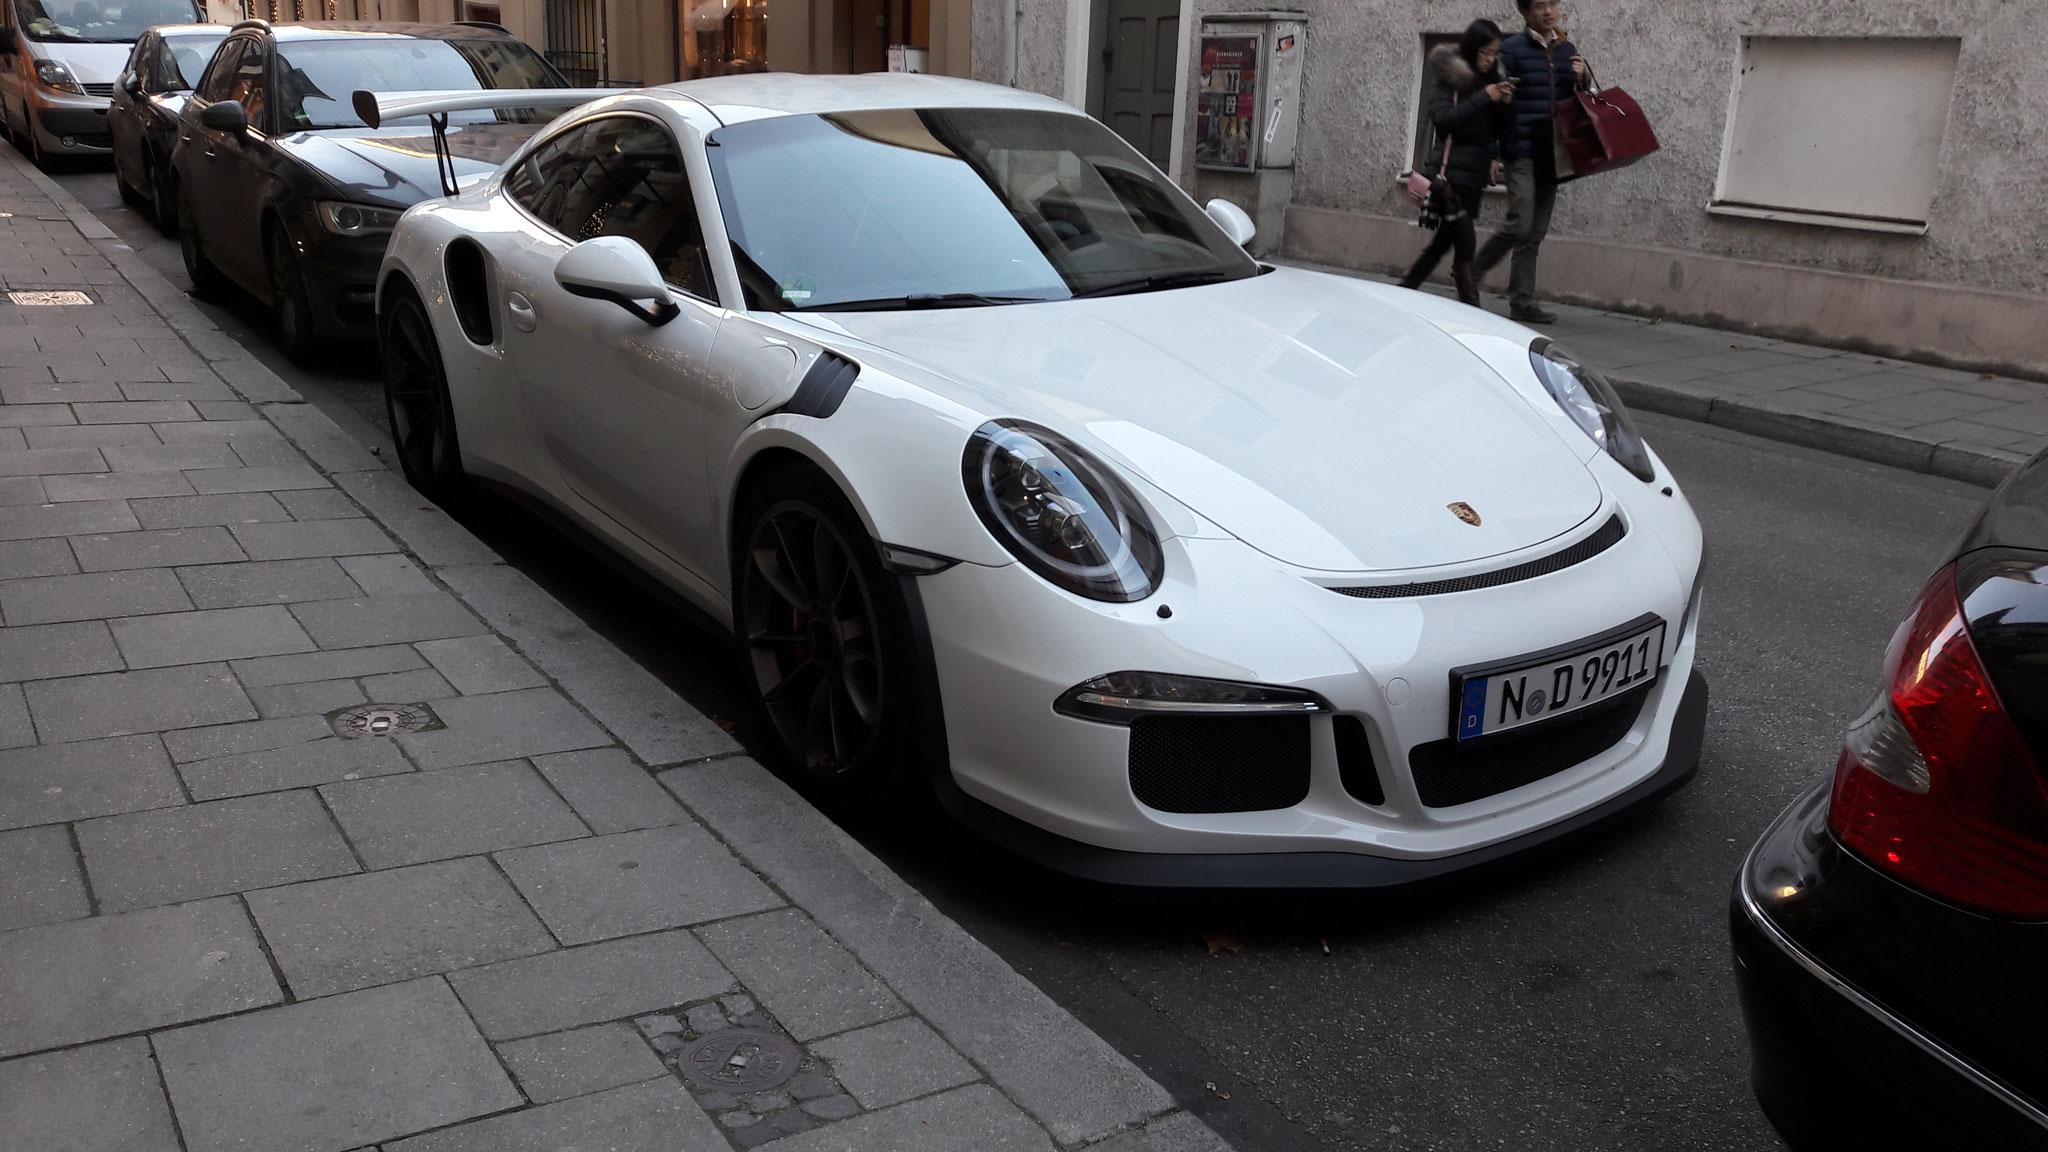 Porsche 911 GT3 RS - N-D-9911